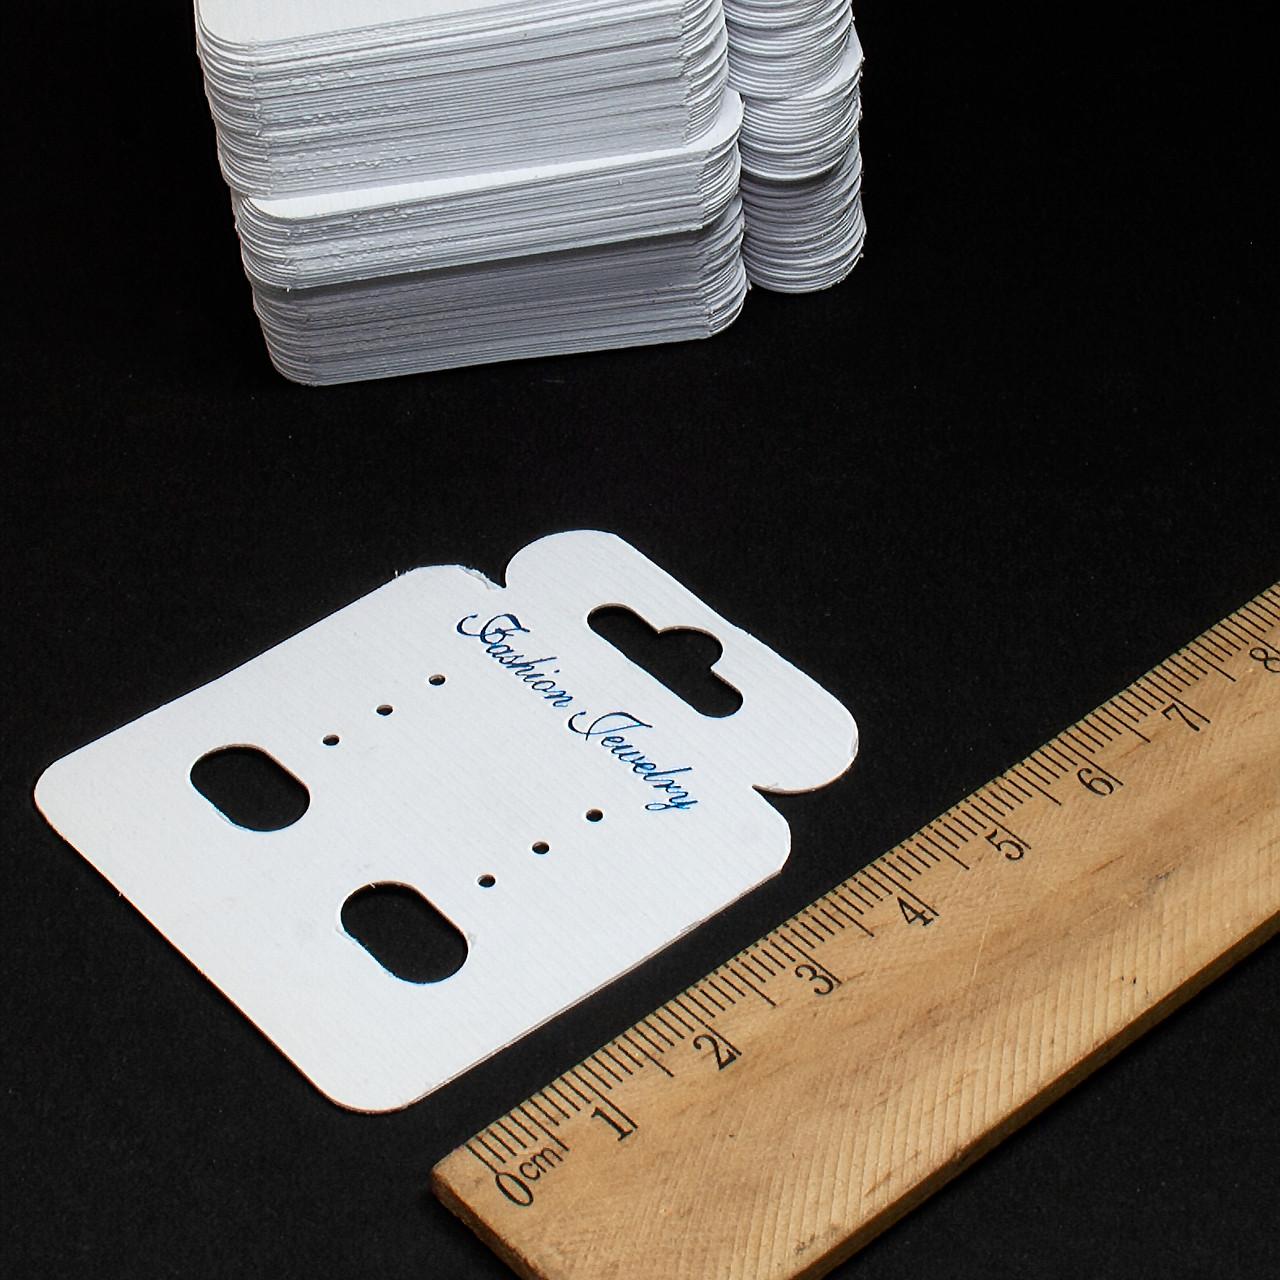 (100шт) Планшетка для бижутерии. Размер 5,6см х 4,8см. Картон. Цена за 100 шт.